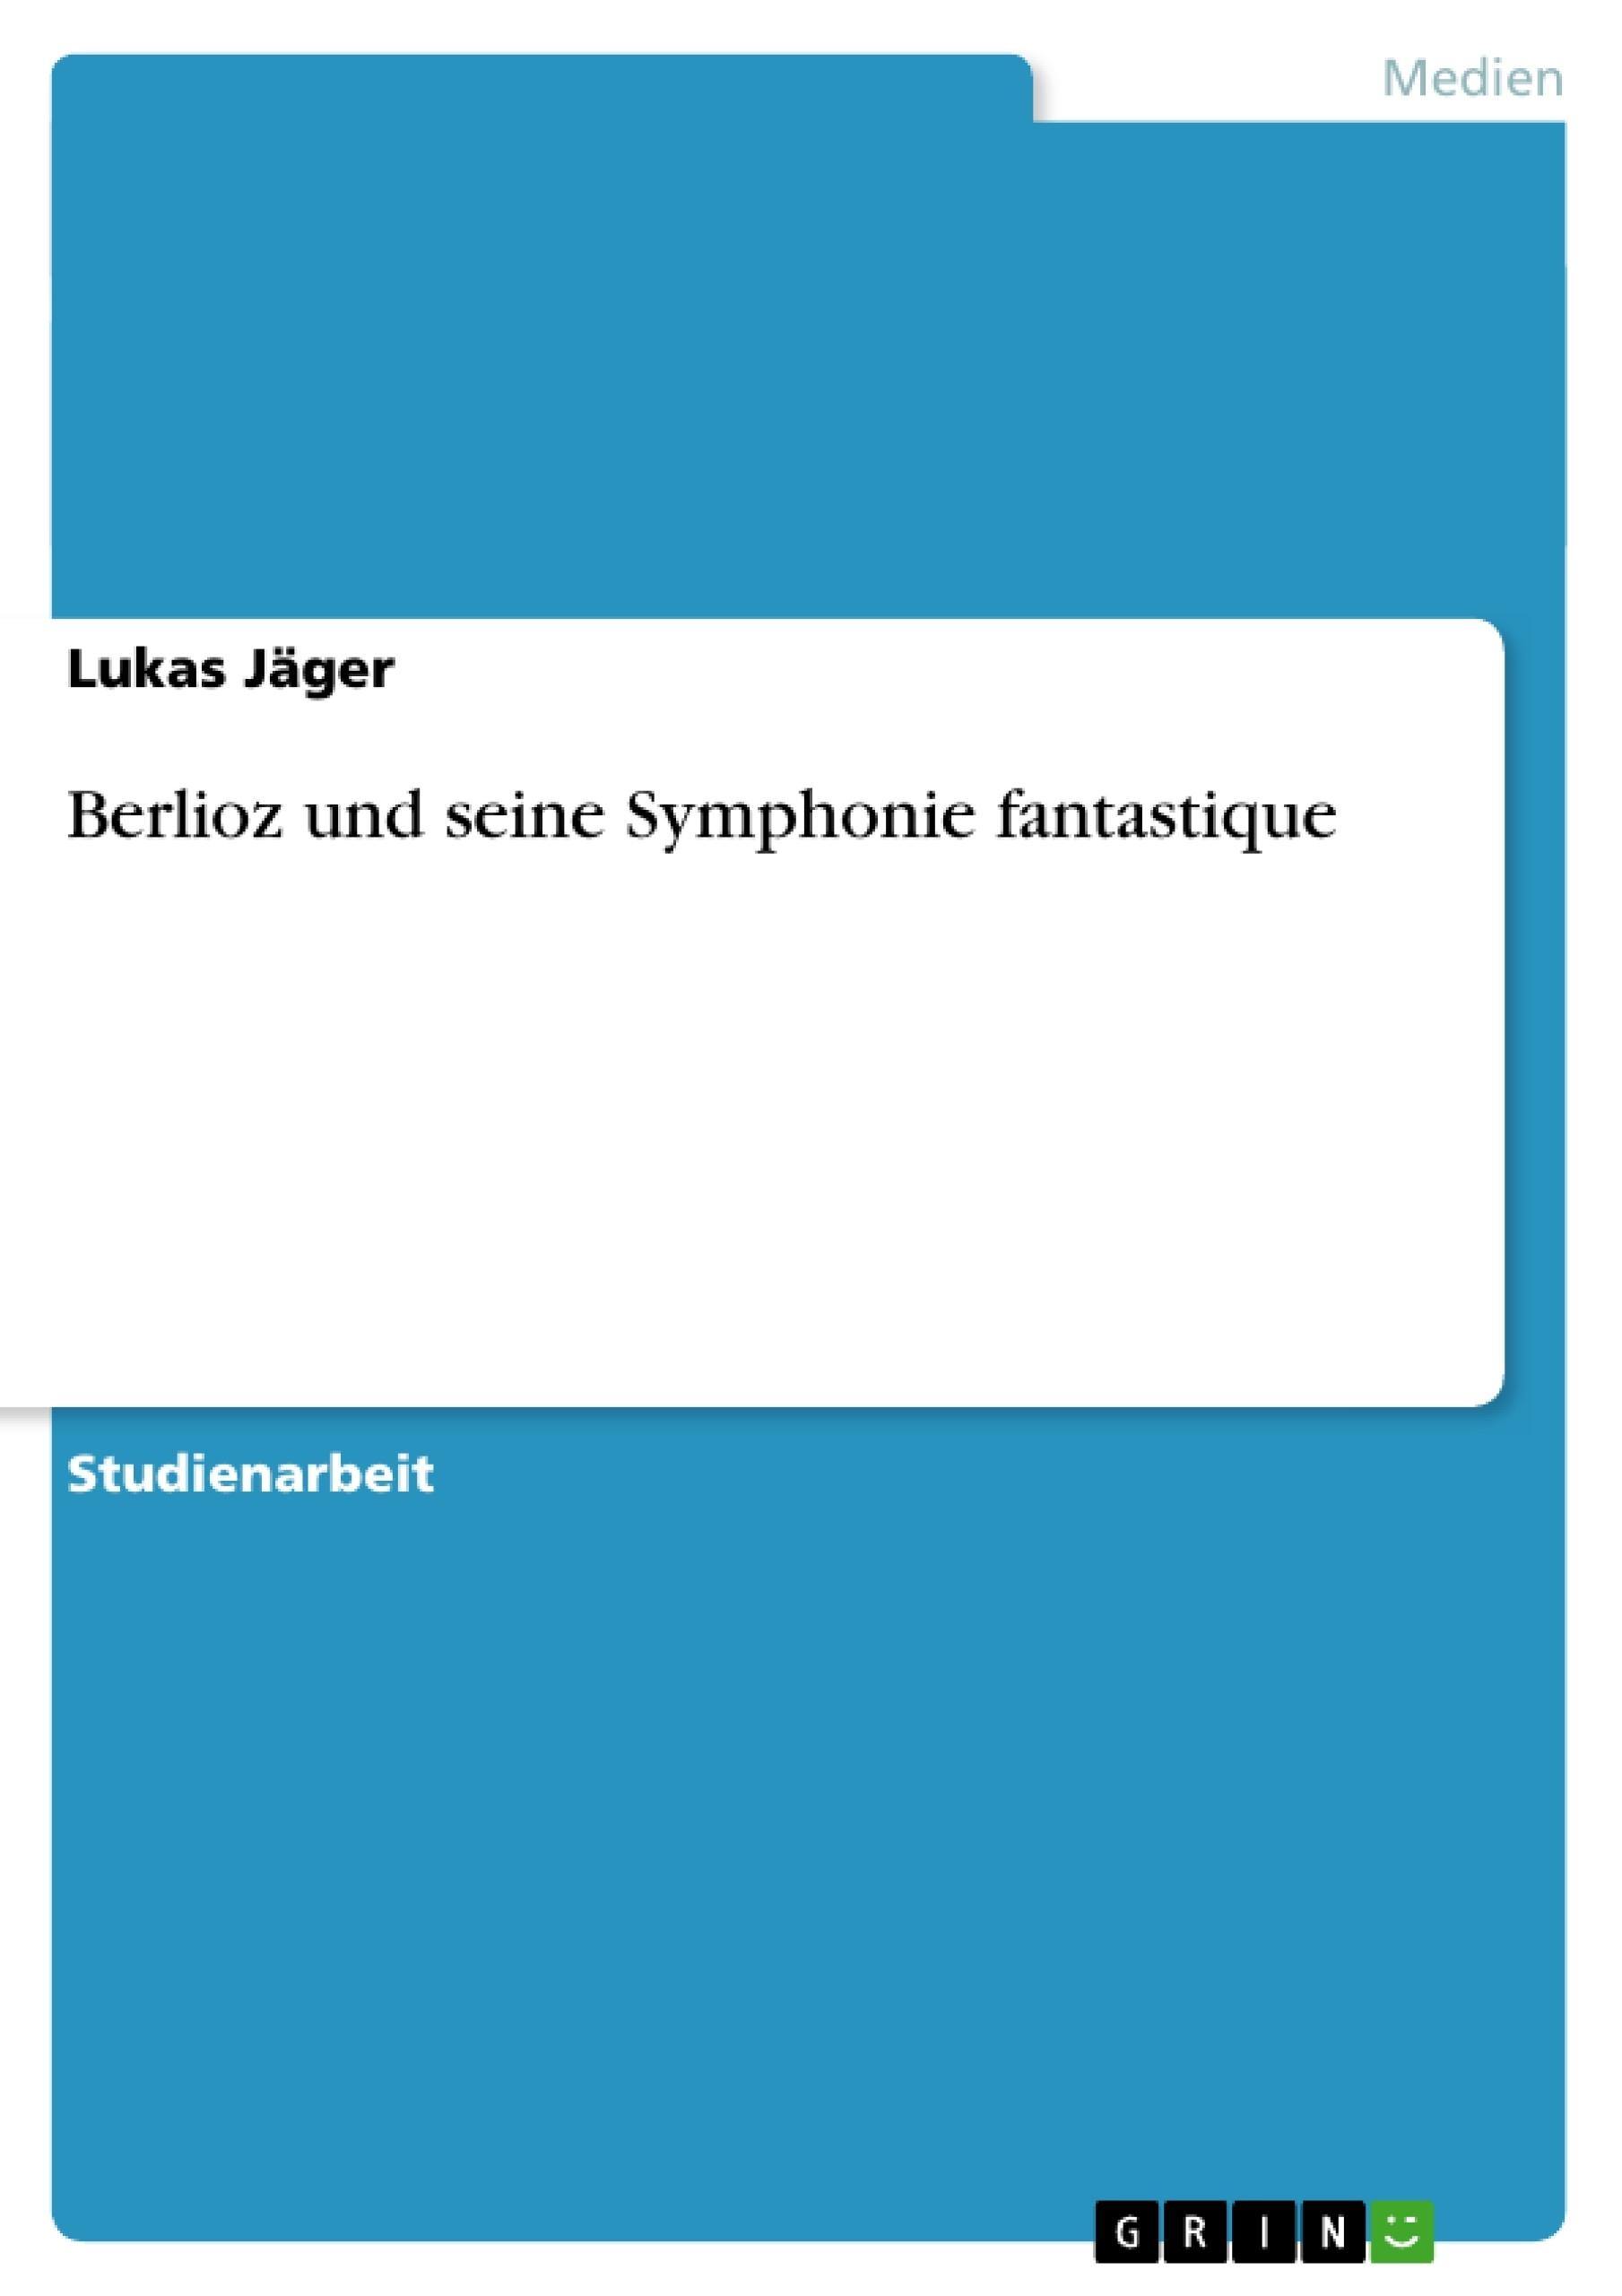 Titel: Berlioz und seine Symphonie fantastique